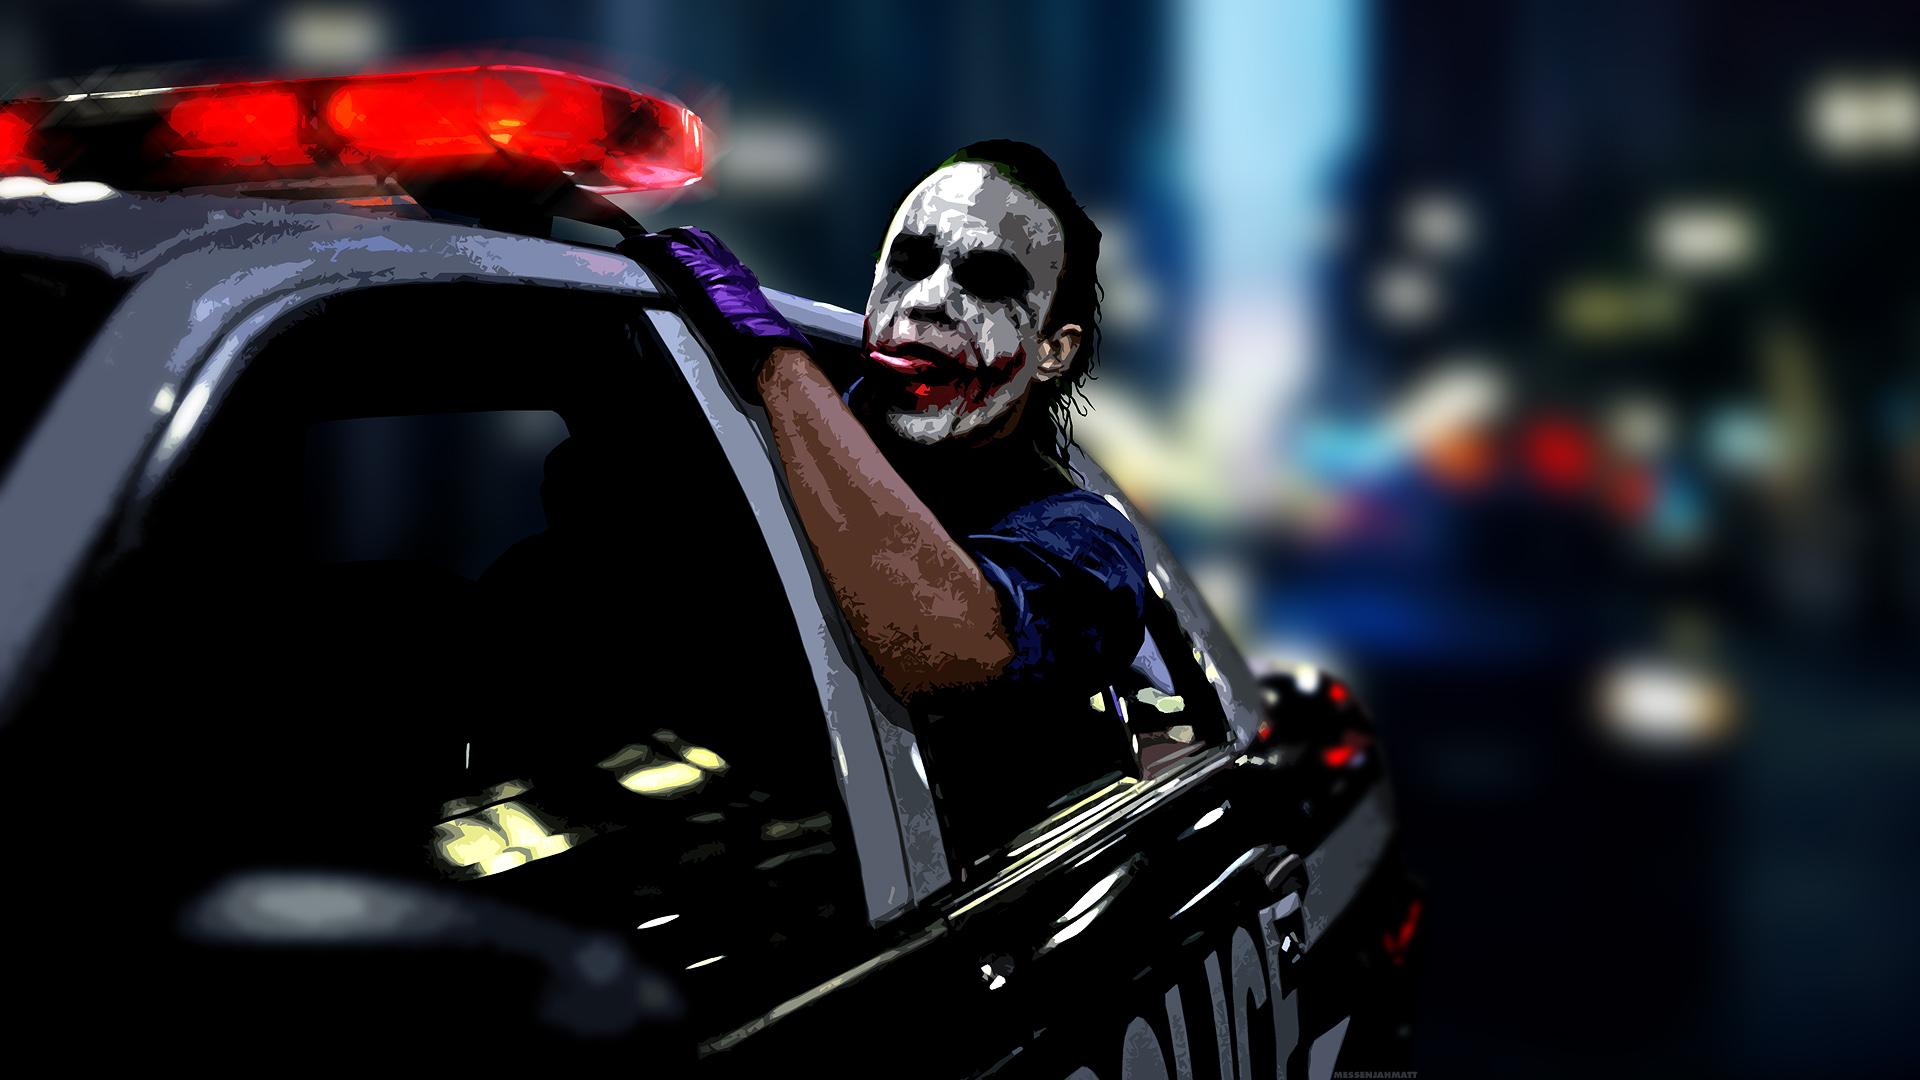 Hd wallpaper joker - The Joker Wallpaper 1920x1080 The Joker Heath Ledger Police Cars